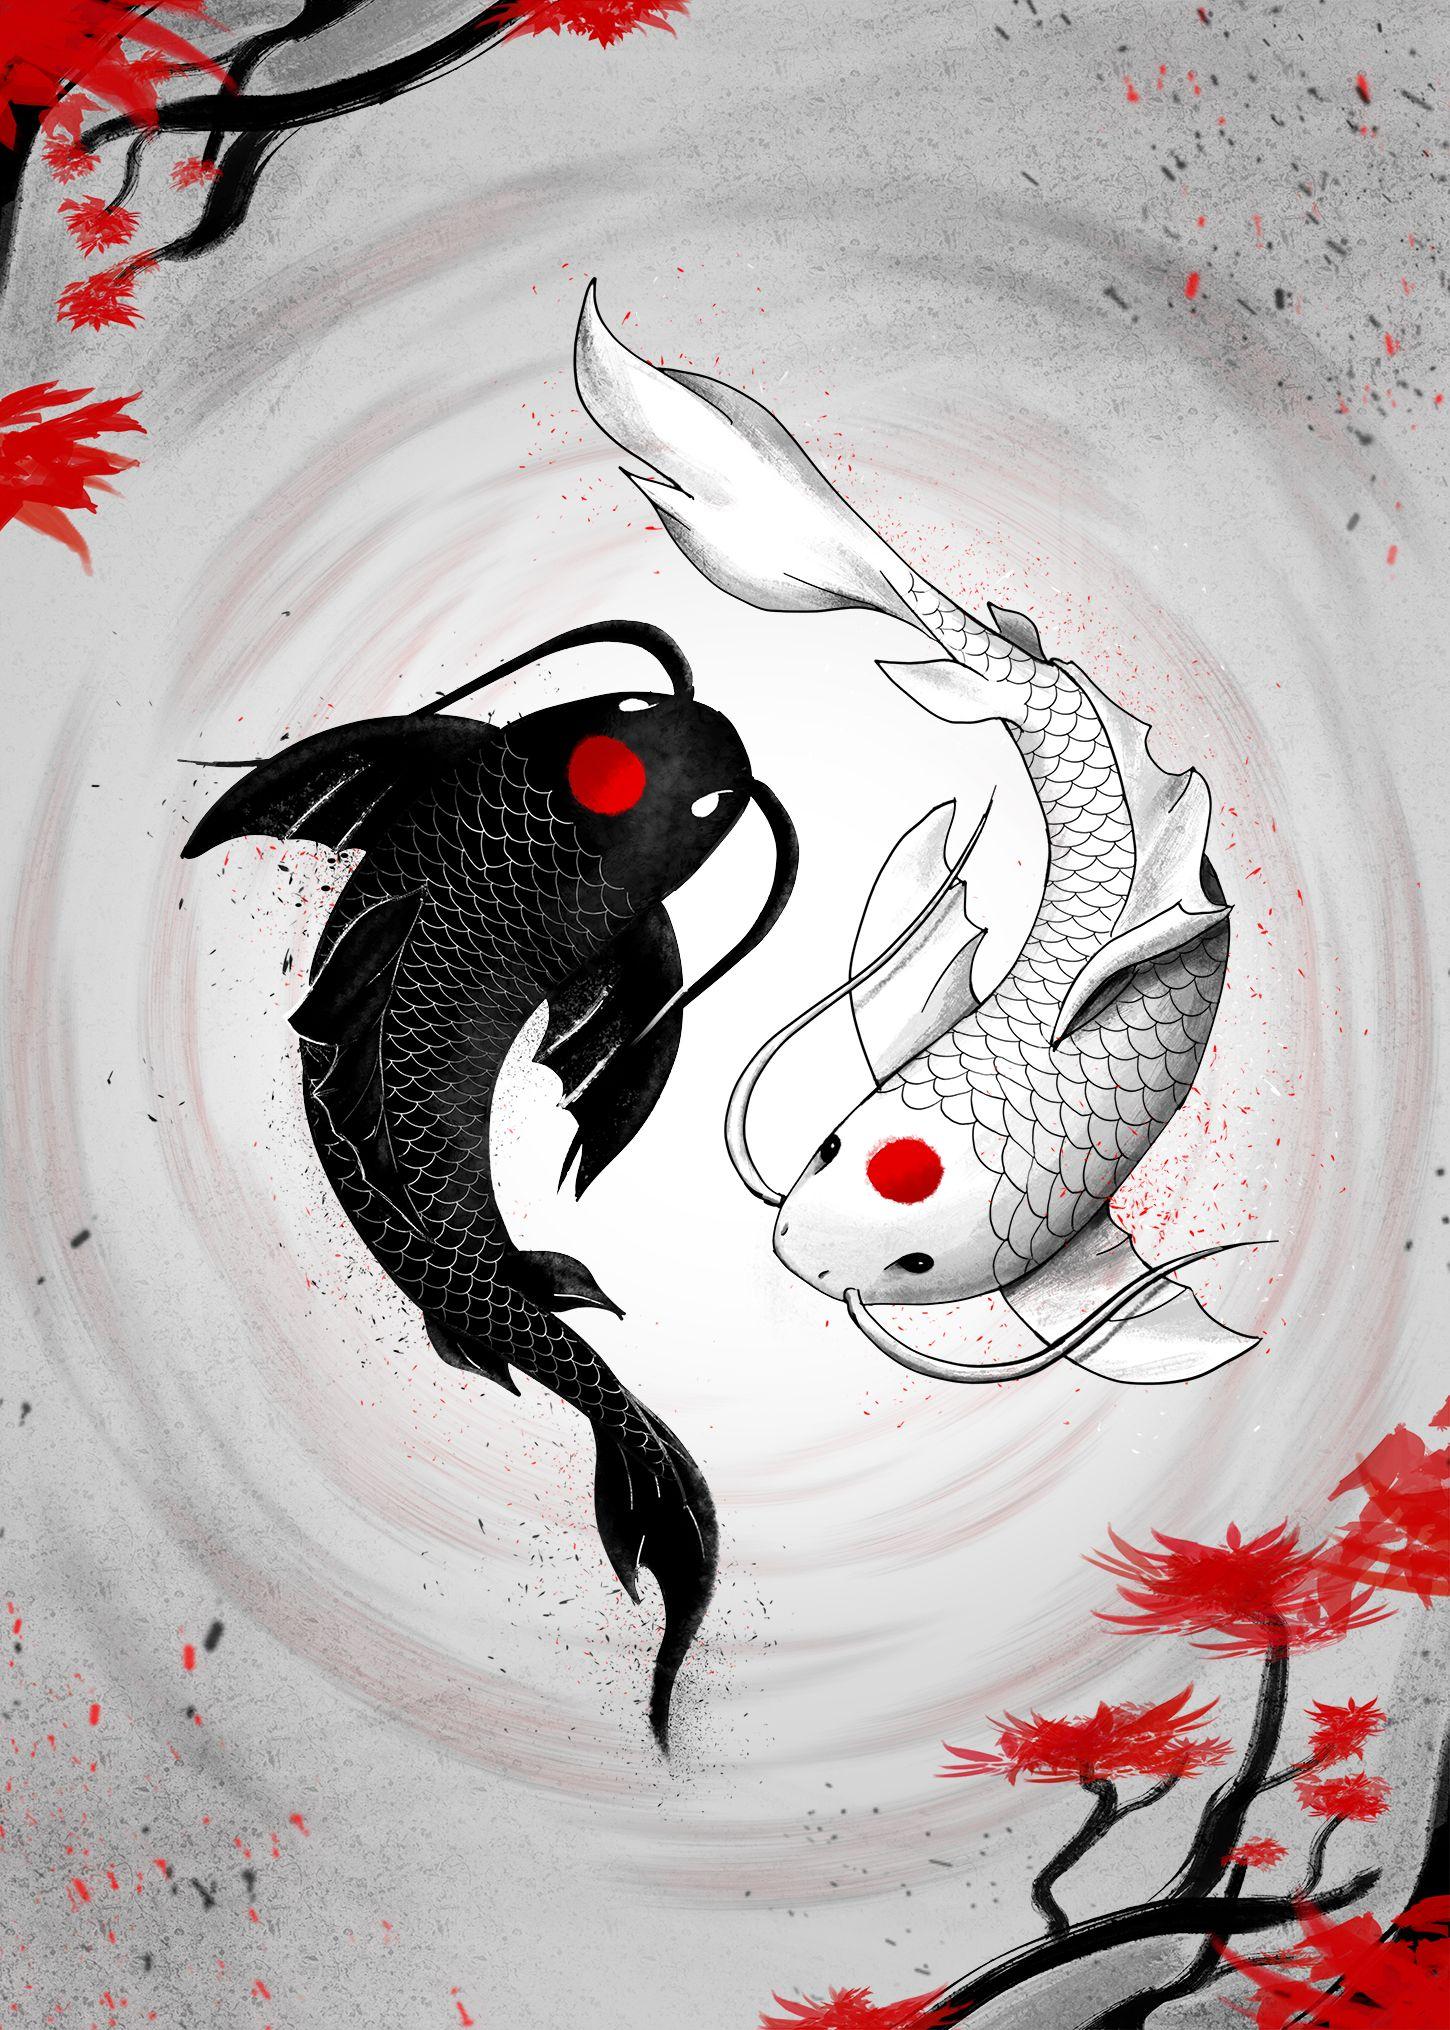 Japanese Koi Fish Vision Poster By Geek Zen Displate Koi Art Koi Fish Drawing Japanese Art